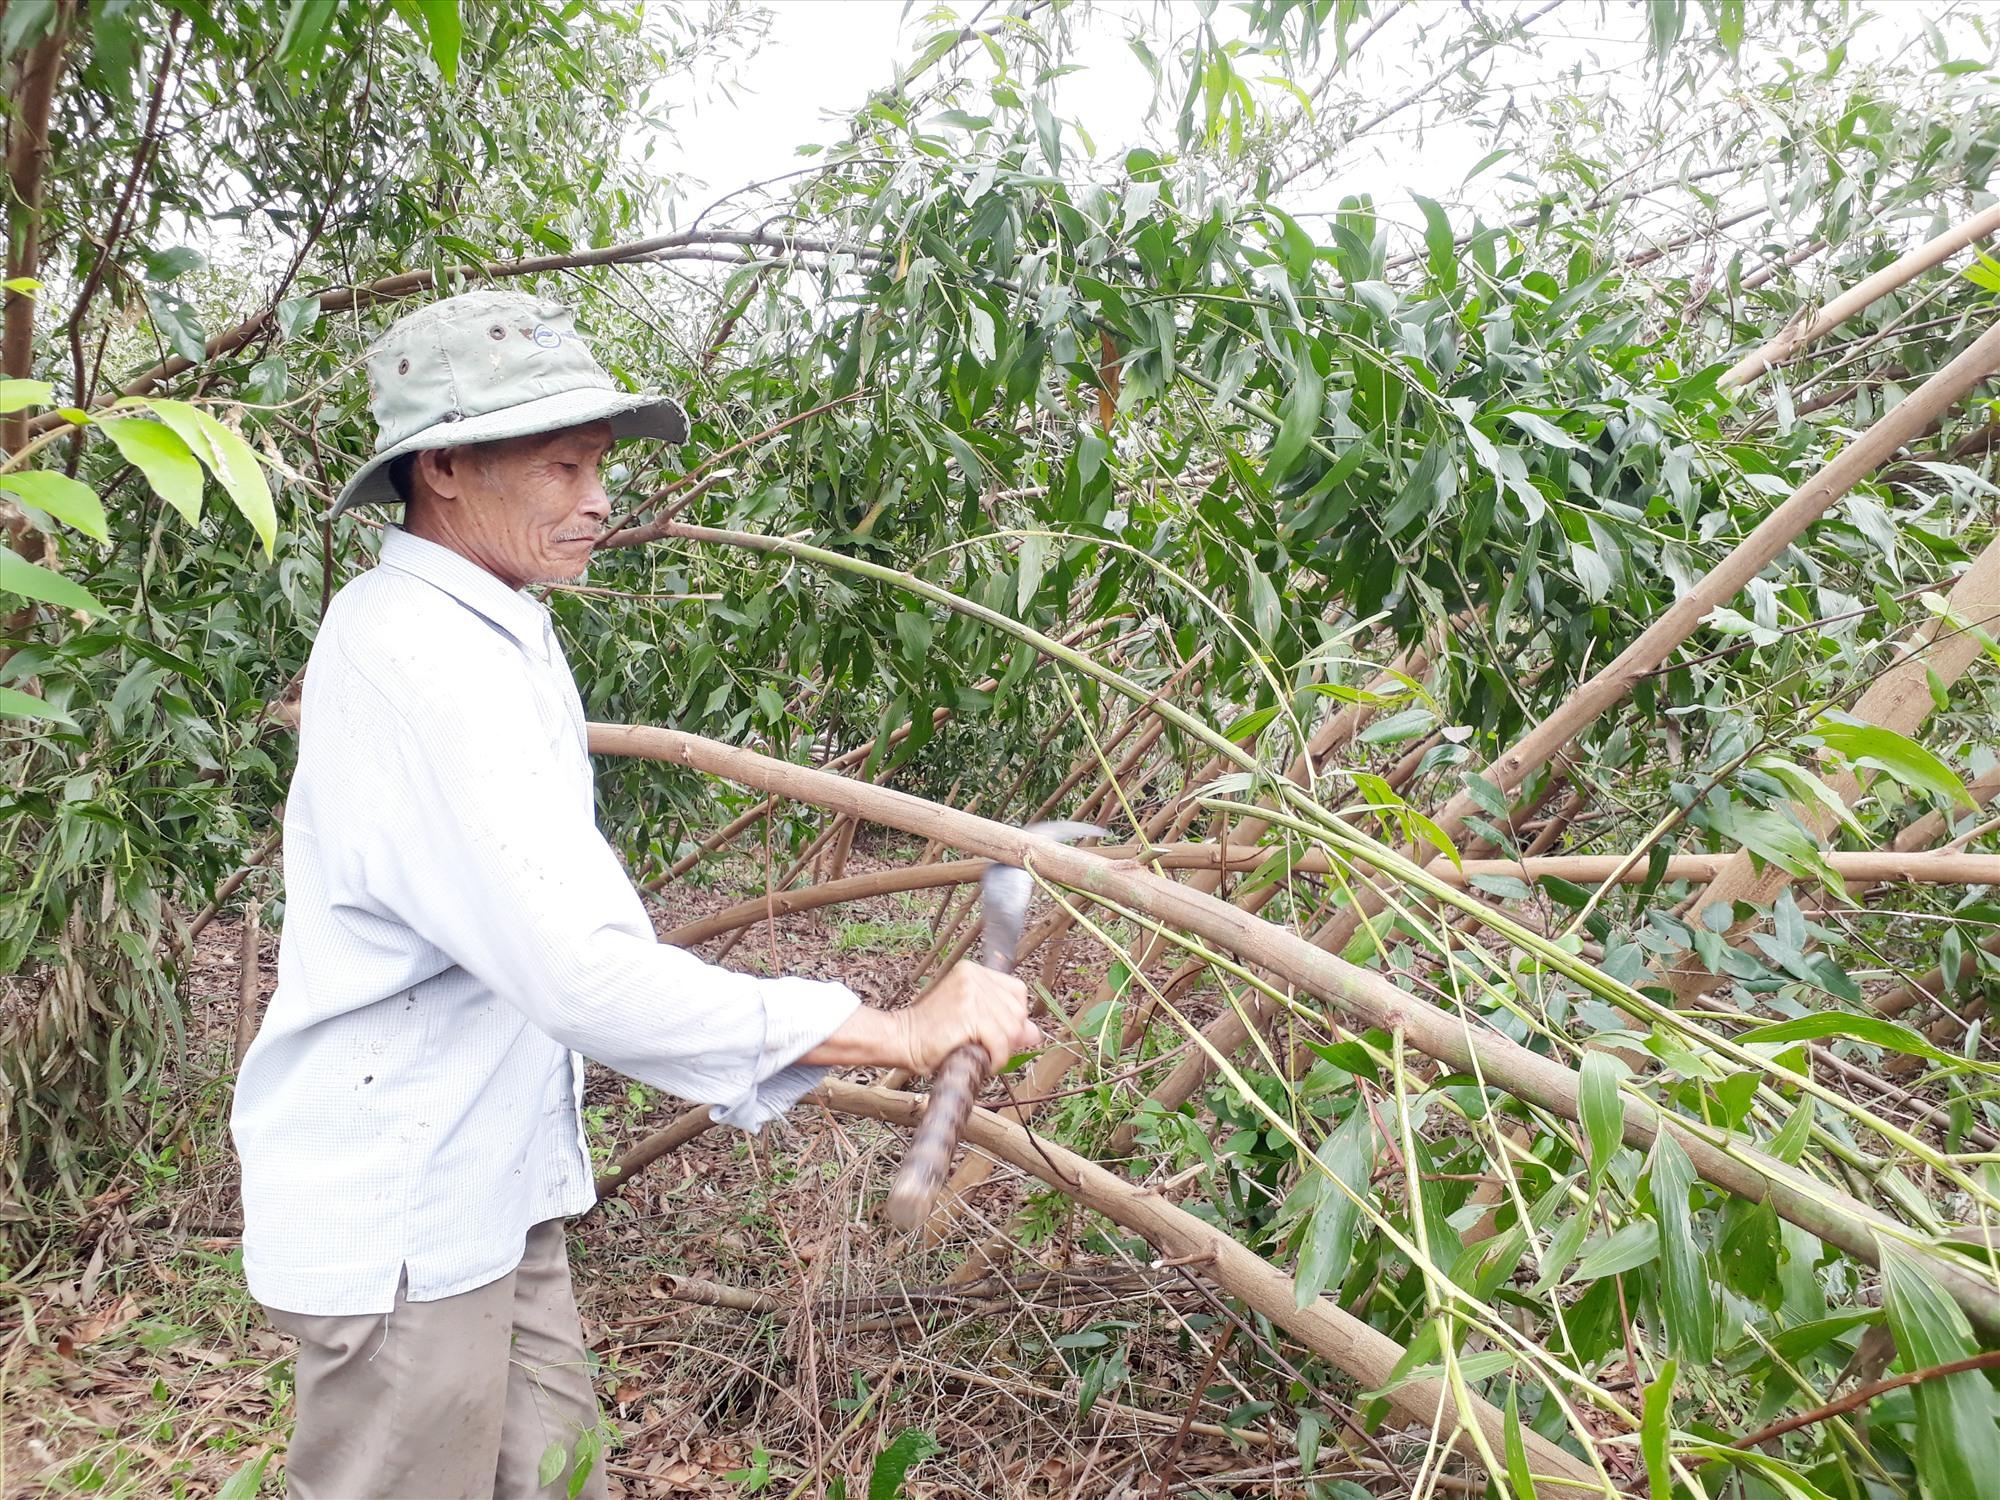 Người dân thị trấn Đông Phú (Quế Sơn) thu dọn những diện tích keo nguyên liệu bị ngã đổ vì bão số 9. Ảnh: T.S